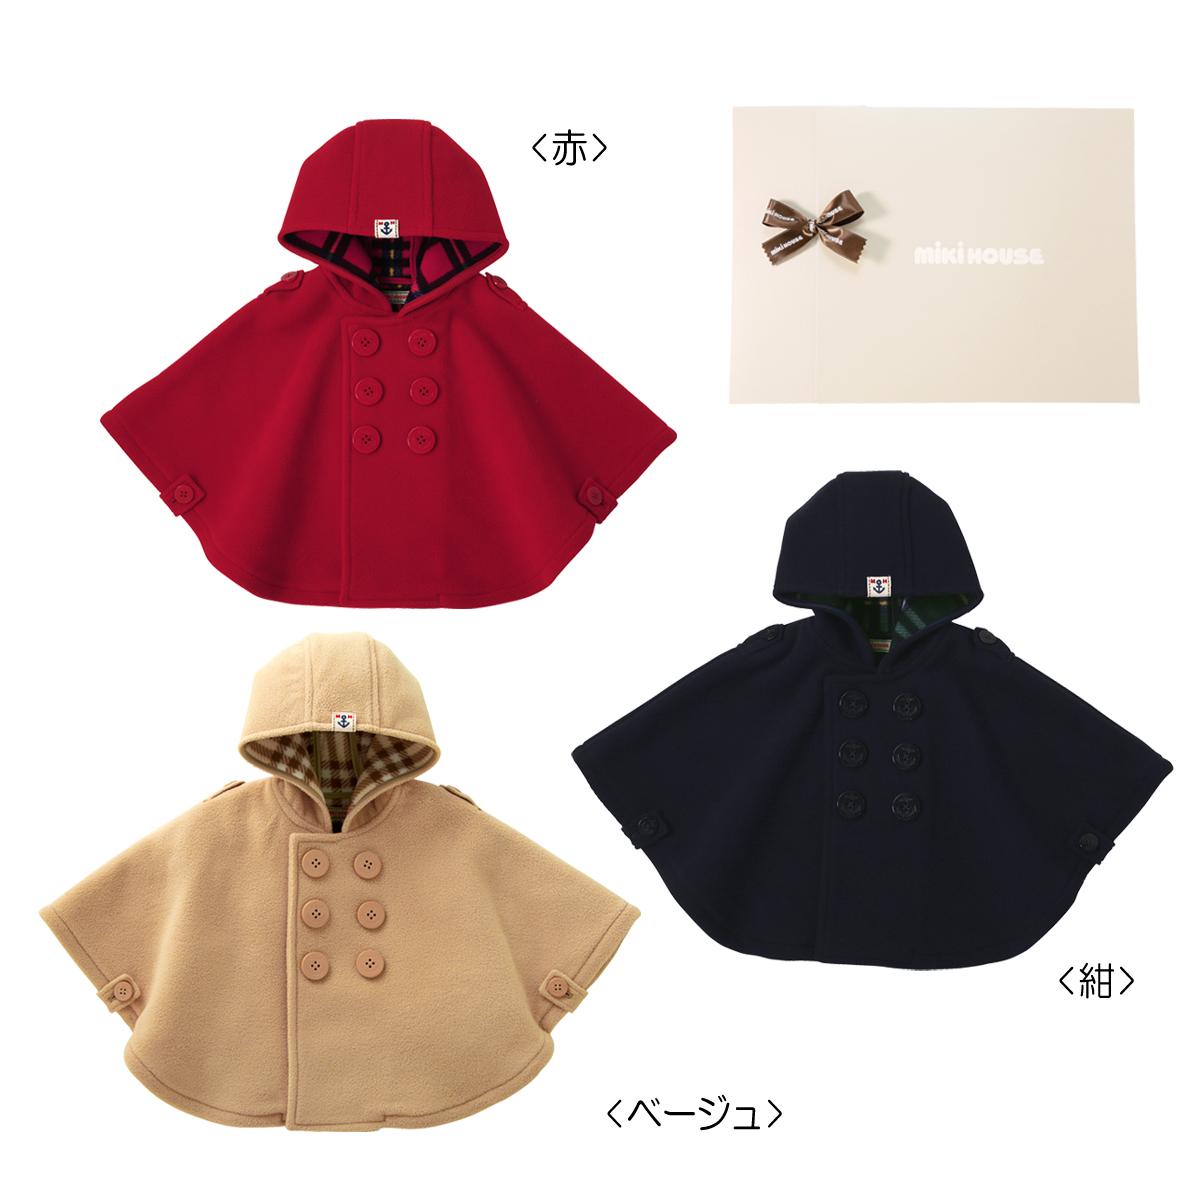 【ミキハウス】 ギフトセット イカリマーク☆フリースベビーマントセット 〈フリー(70cm-90cm)〉(14-3804-841)[ギフトボックス入り]【MIKIHOUSEのベビー服】(赤 紺 ベージュ)[ベビーマント】【御出産祝い】※新ギフトBOXに変わっております。